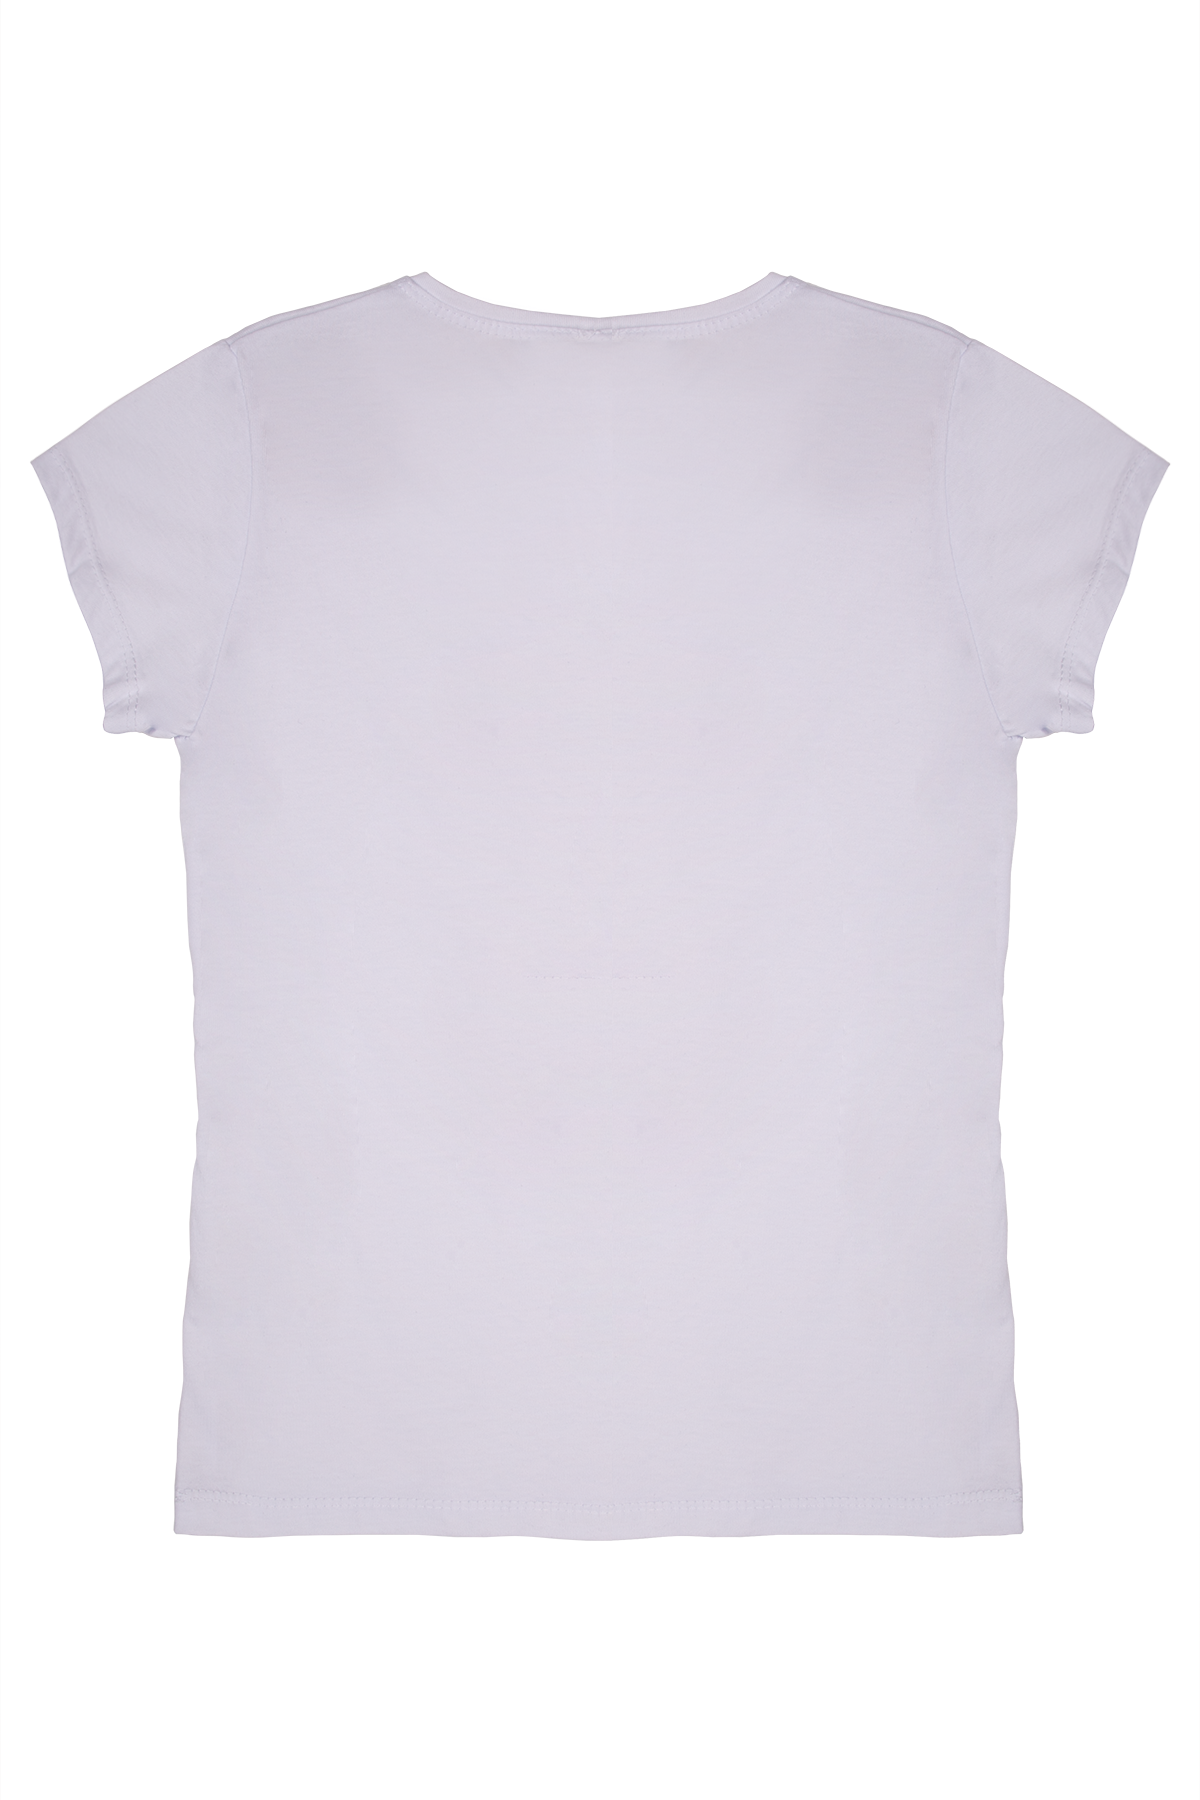 Kız Çocuk Fashion Baskılı Beyaz Tişört